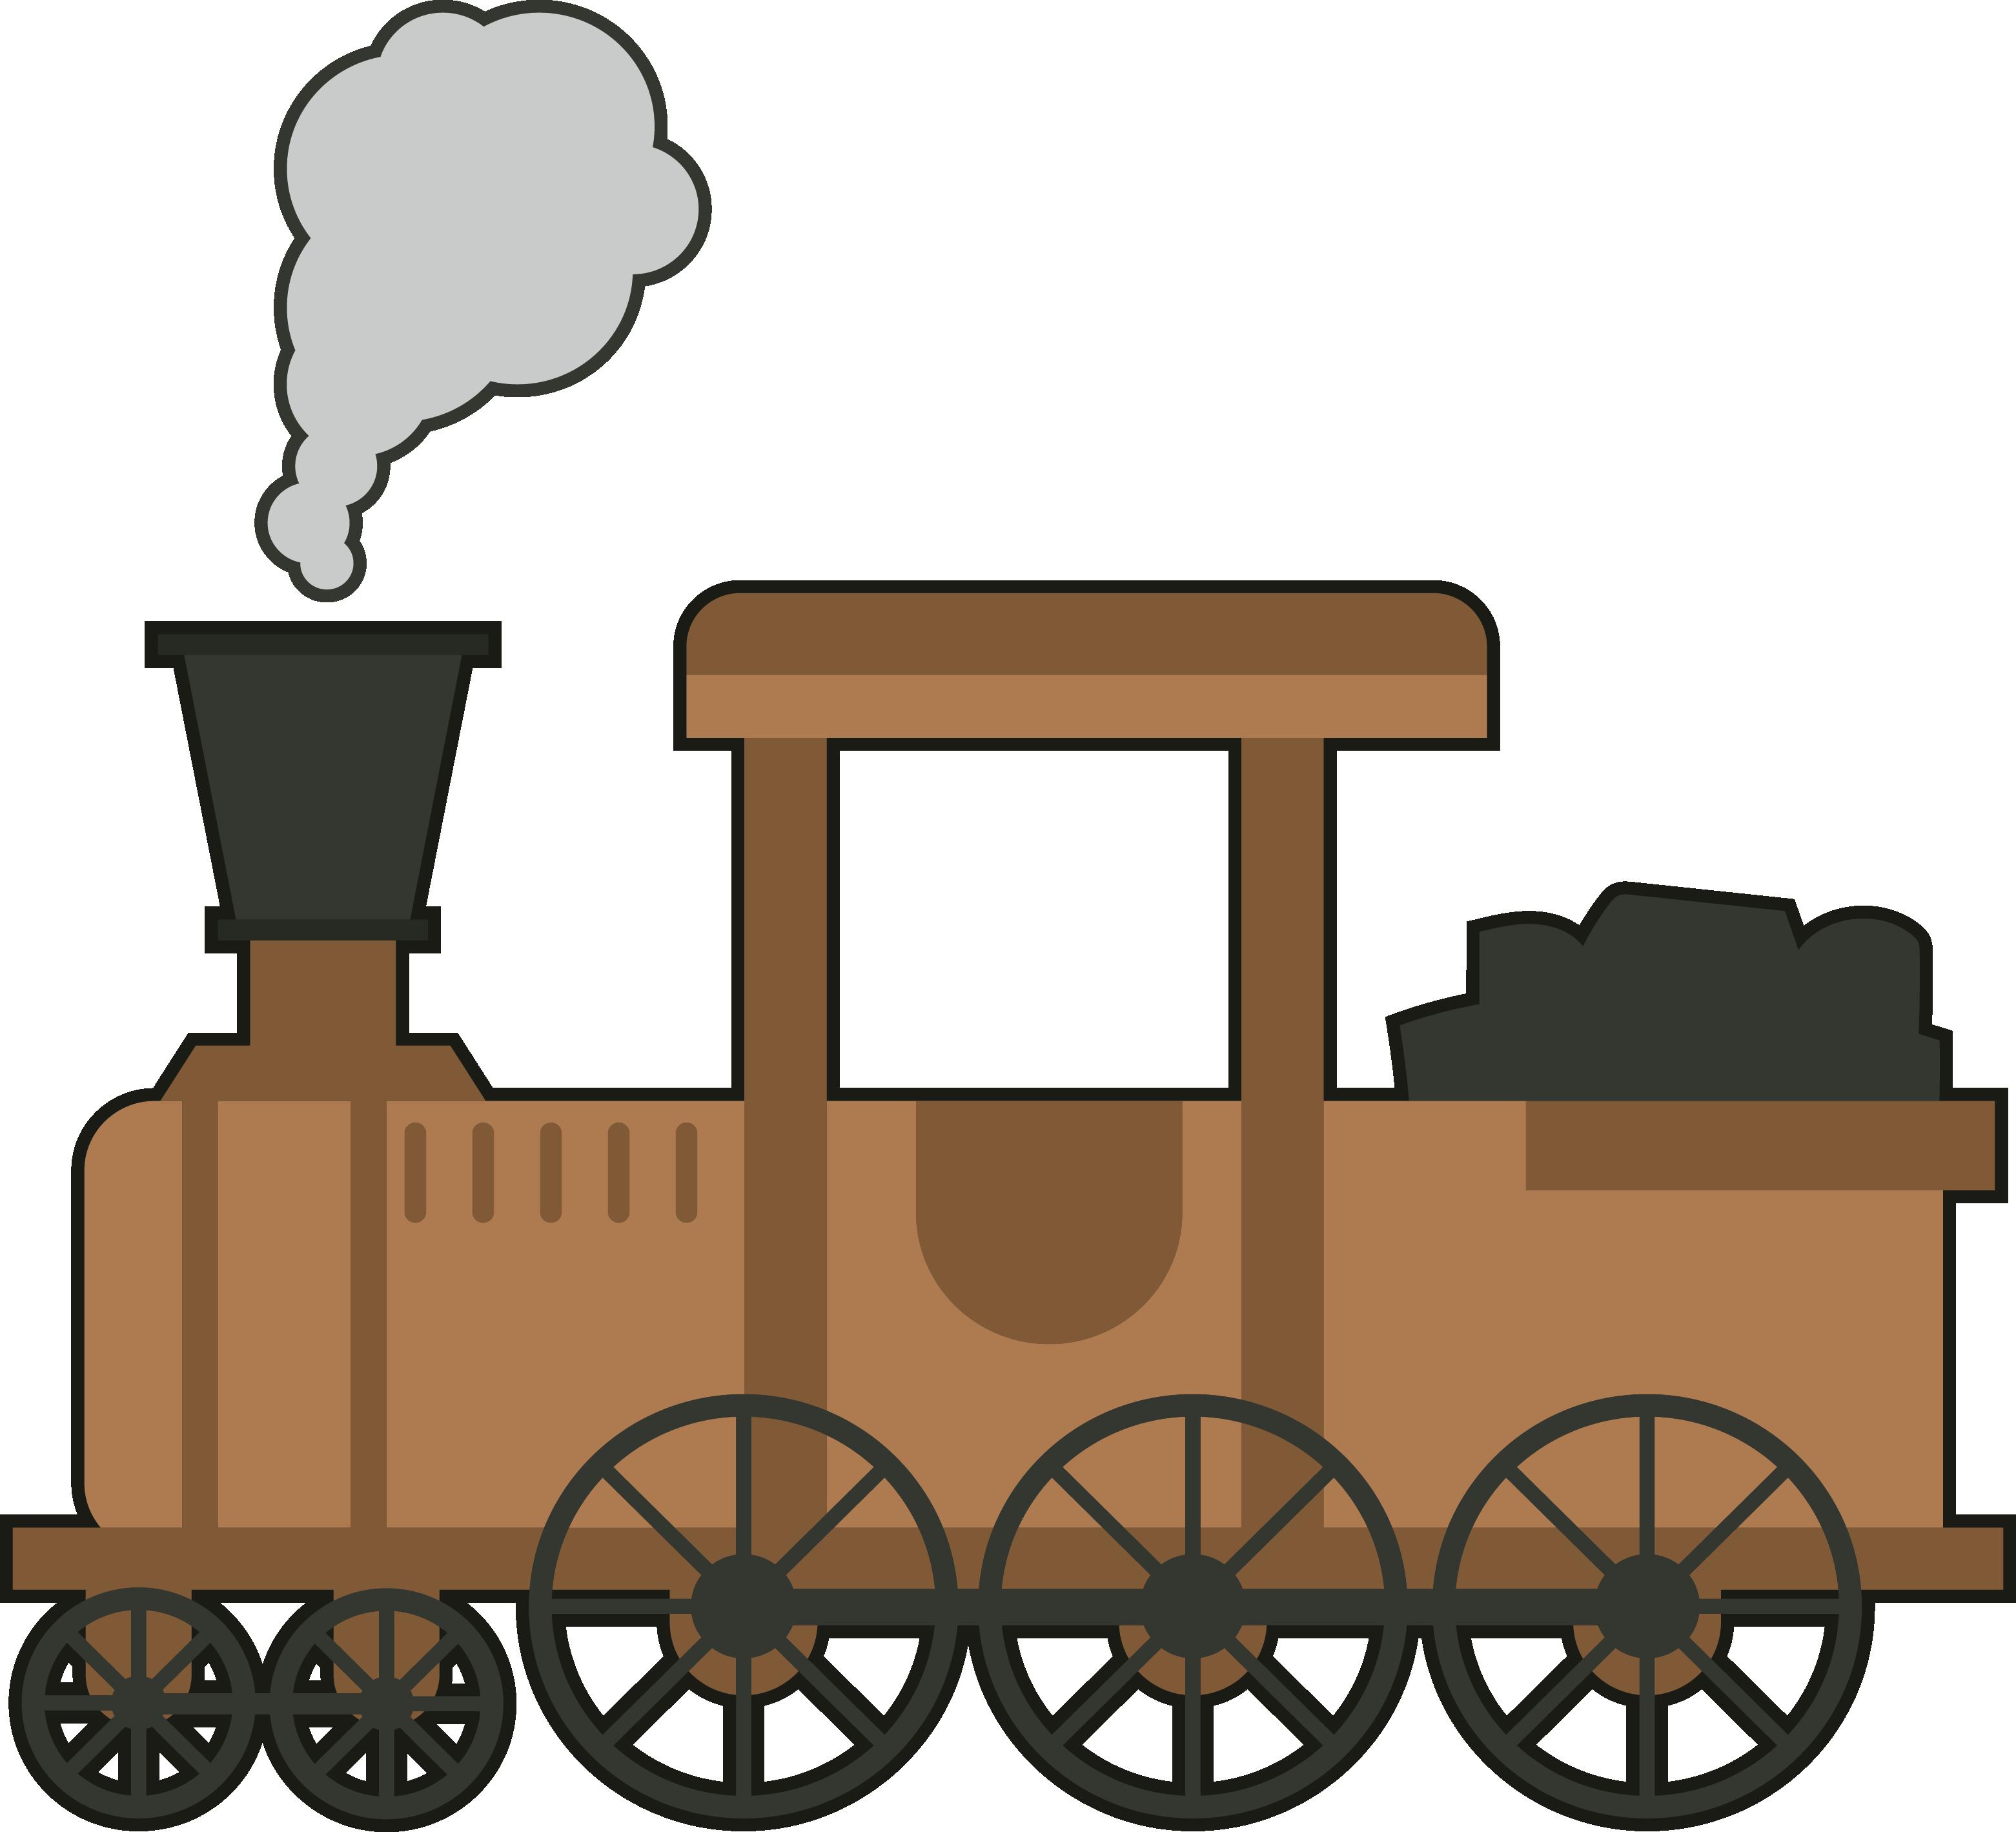 Gambar Kereta Kartun Png Train Rail Png Pic Gambar Kereta Api Kartun Png Clipart Full